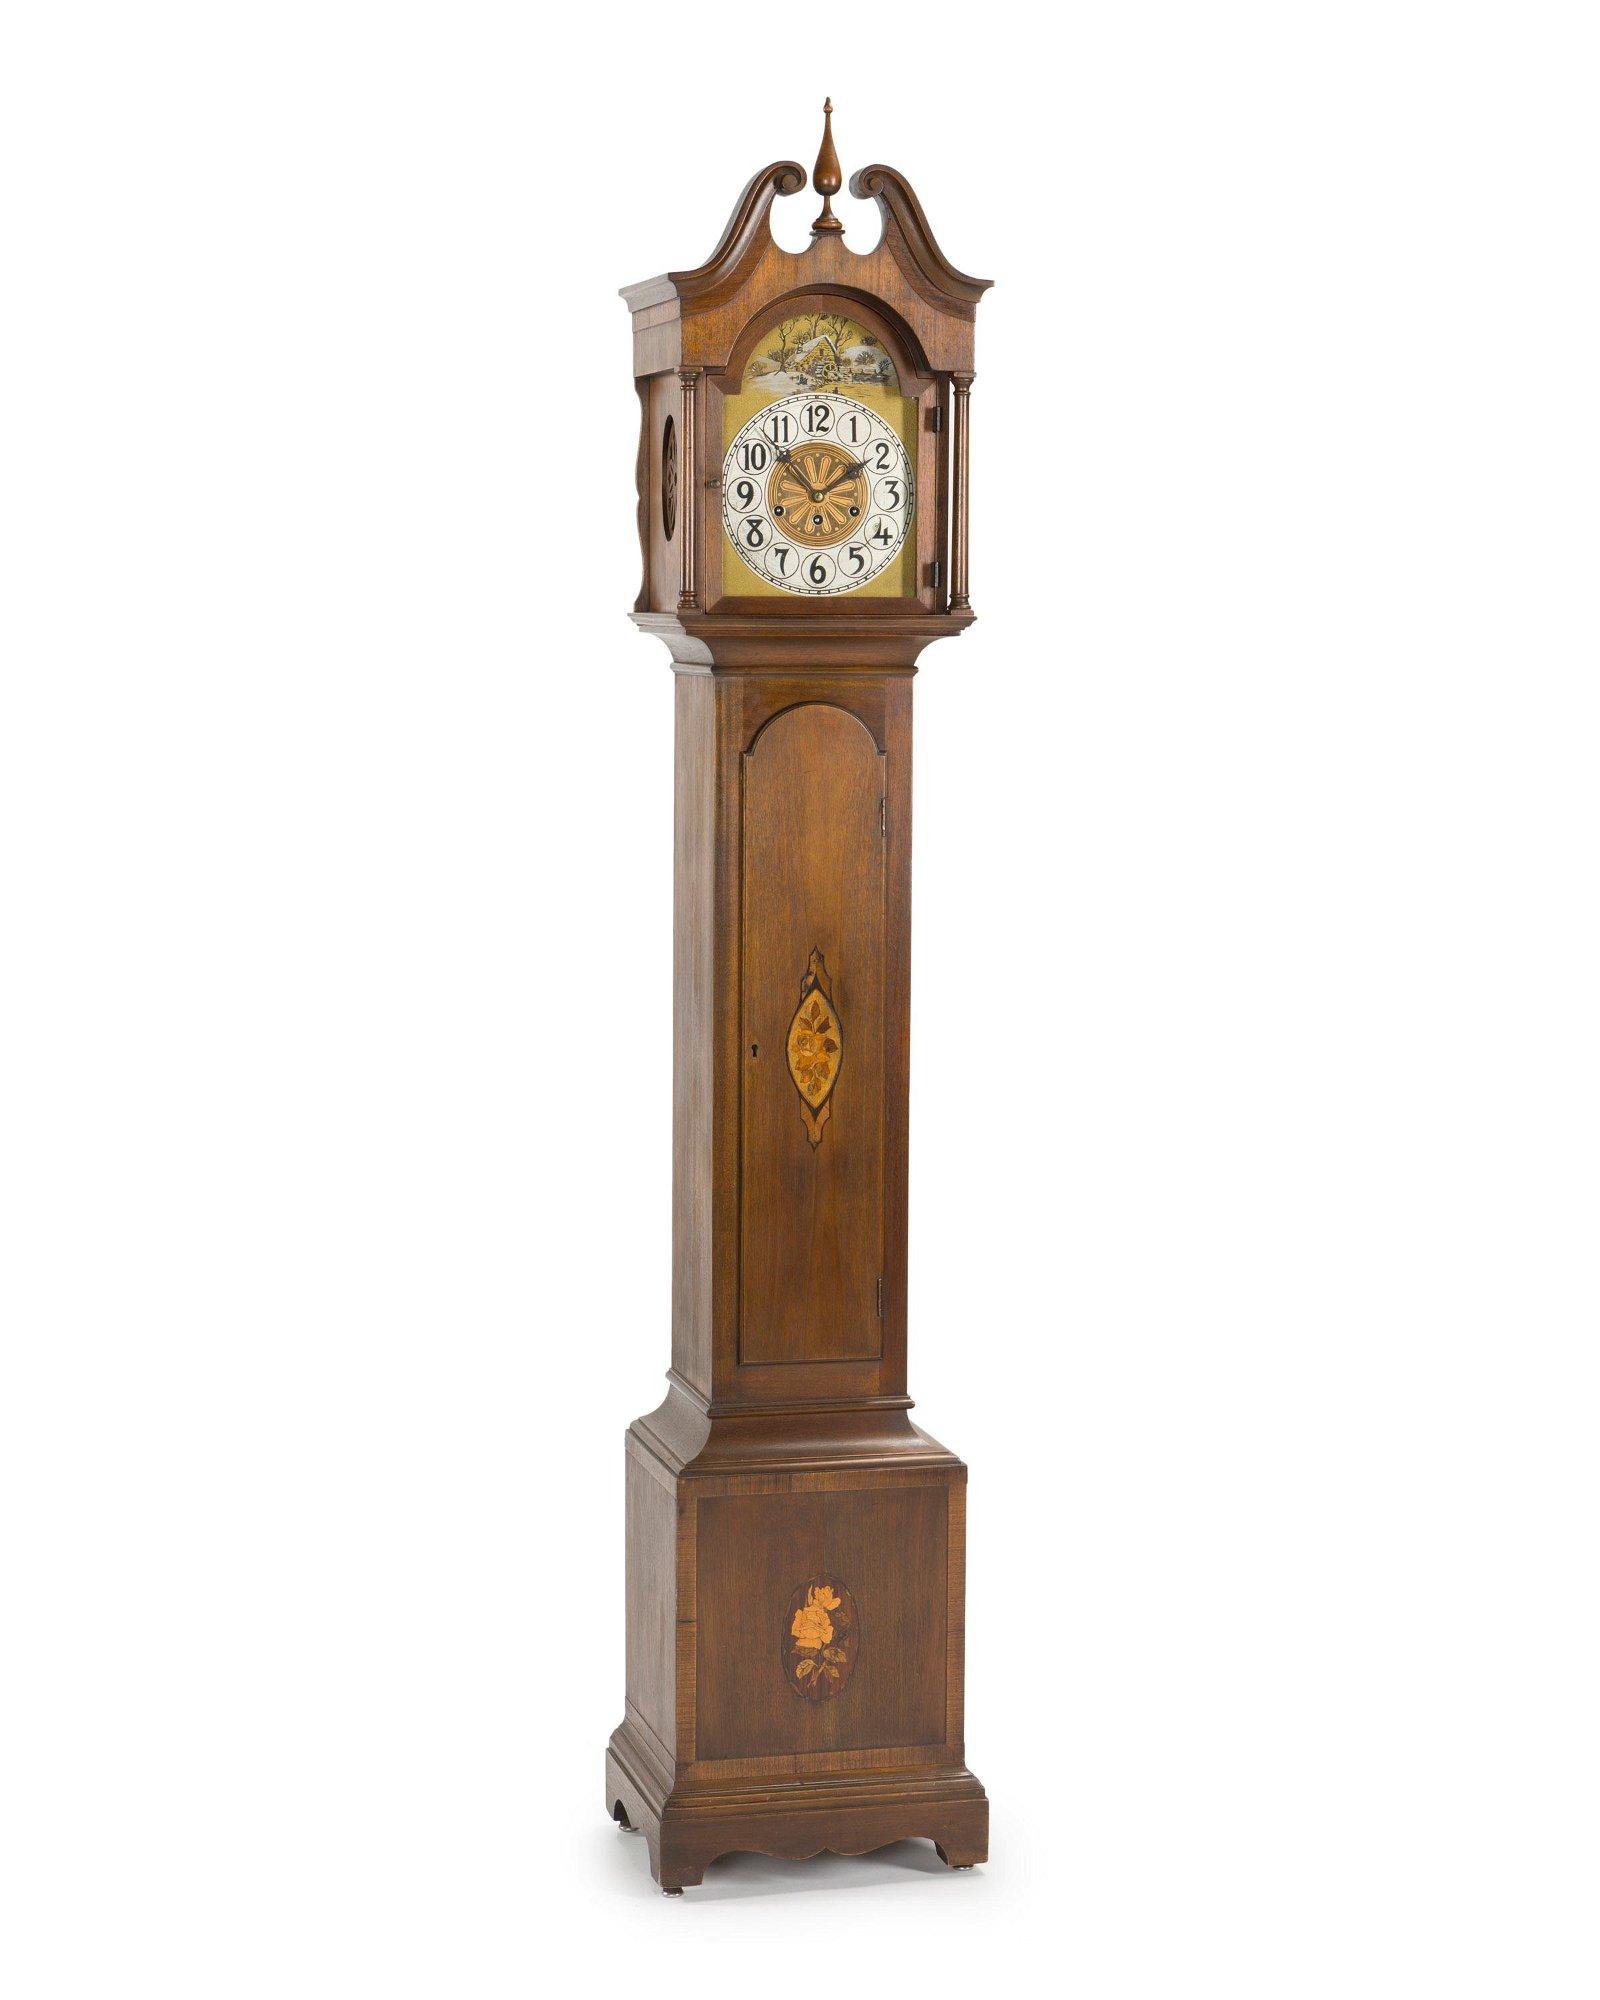 A German grandmother clock